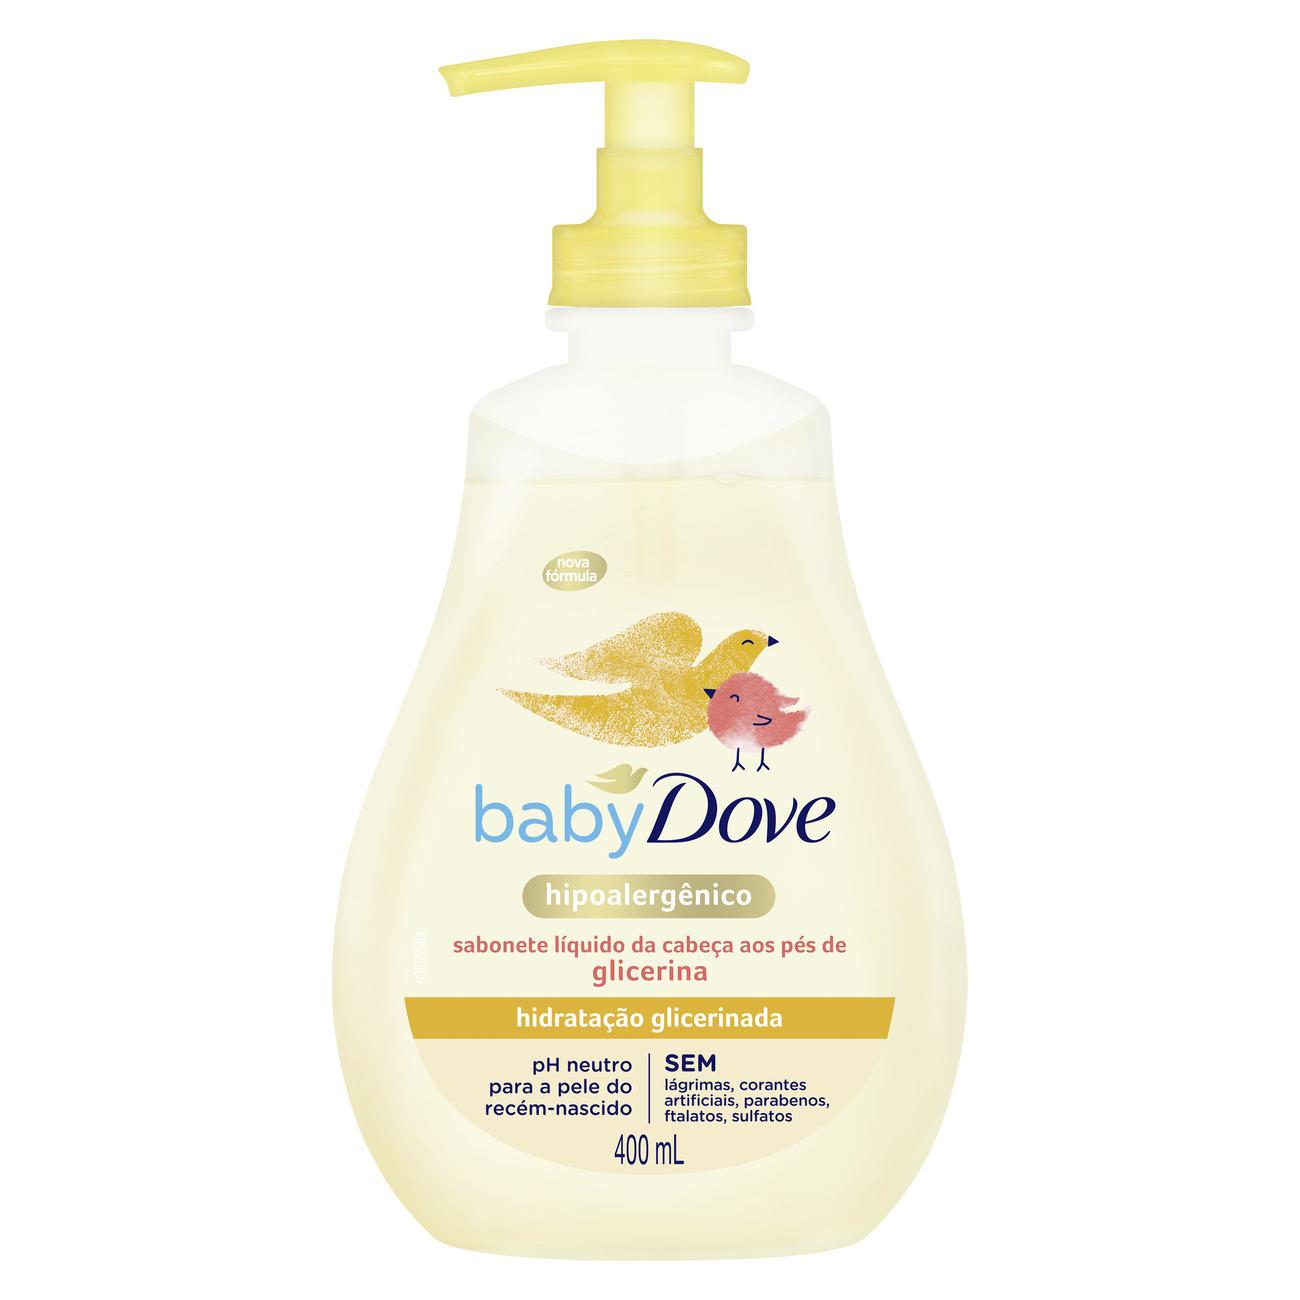 Sabonete Líquido da Cabeça aos Pés de Glicerina Baby Dove Hidratação Glicerinada 400mL